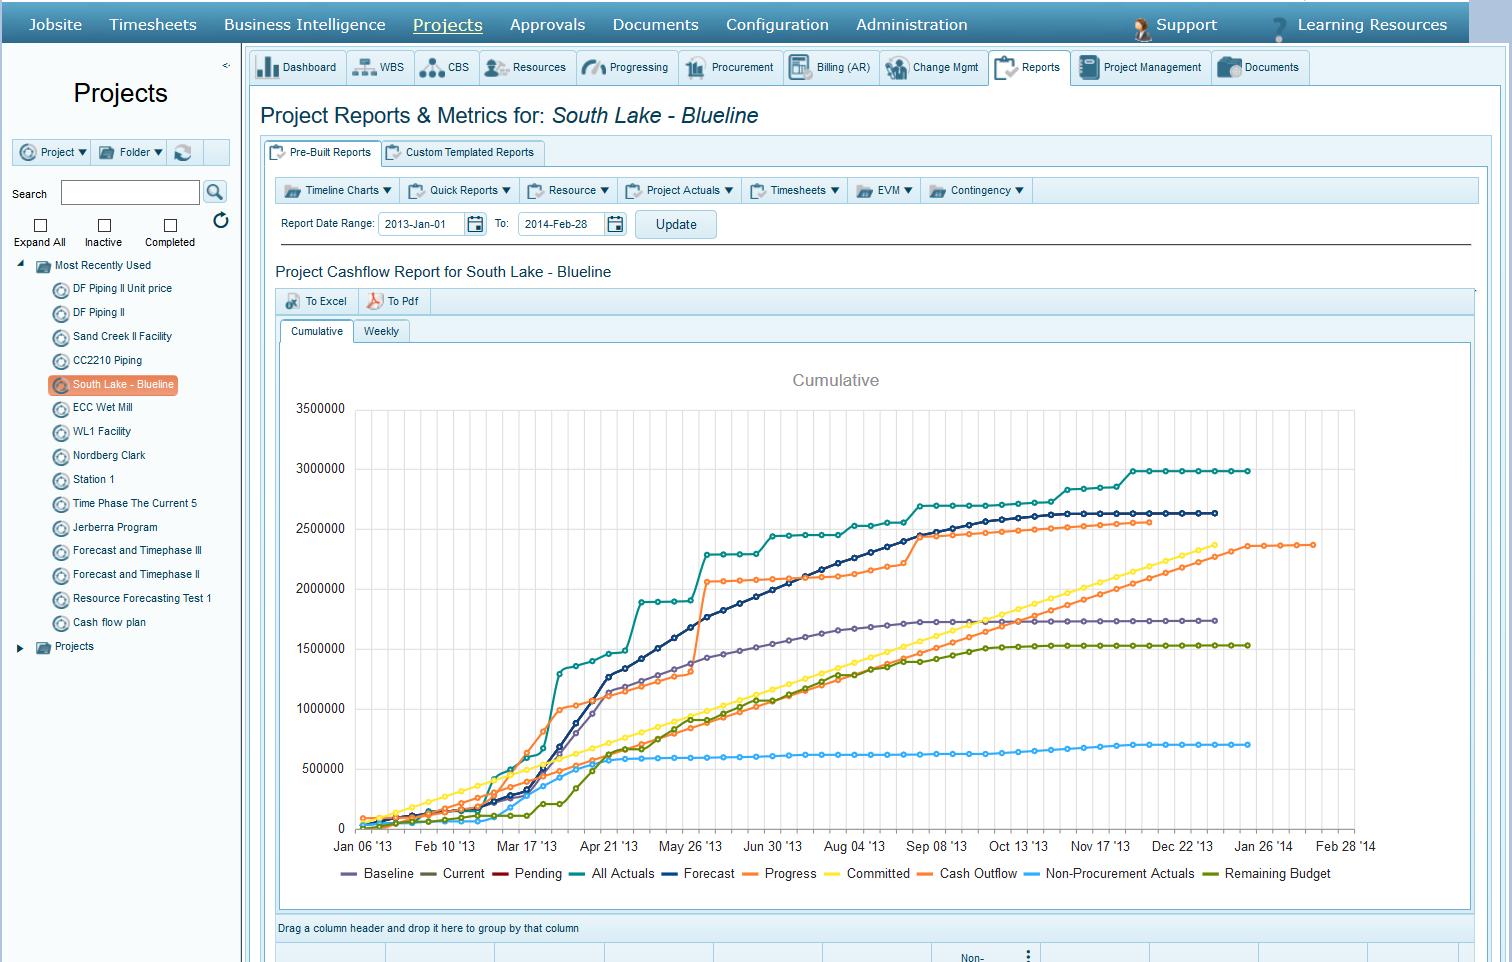 Remaining Budget timeline curve